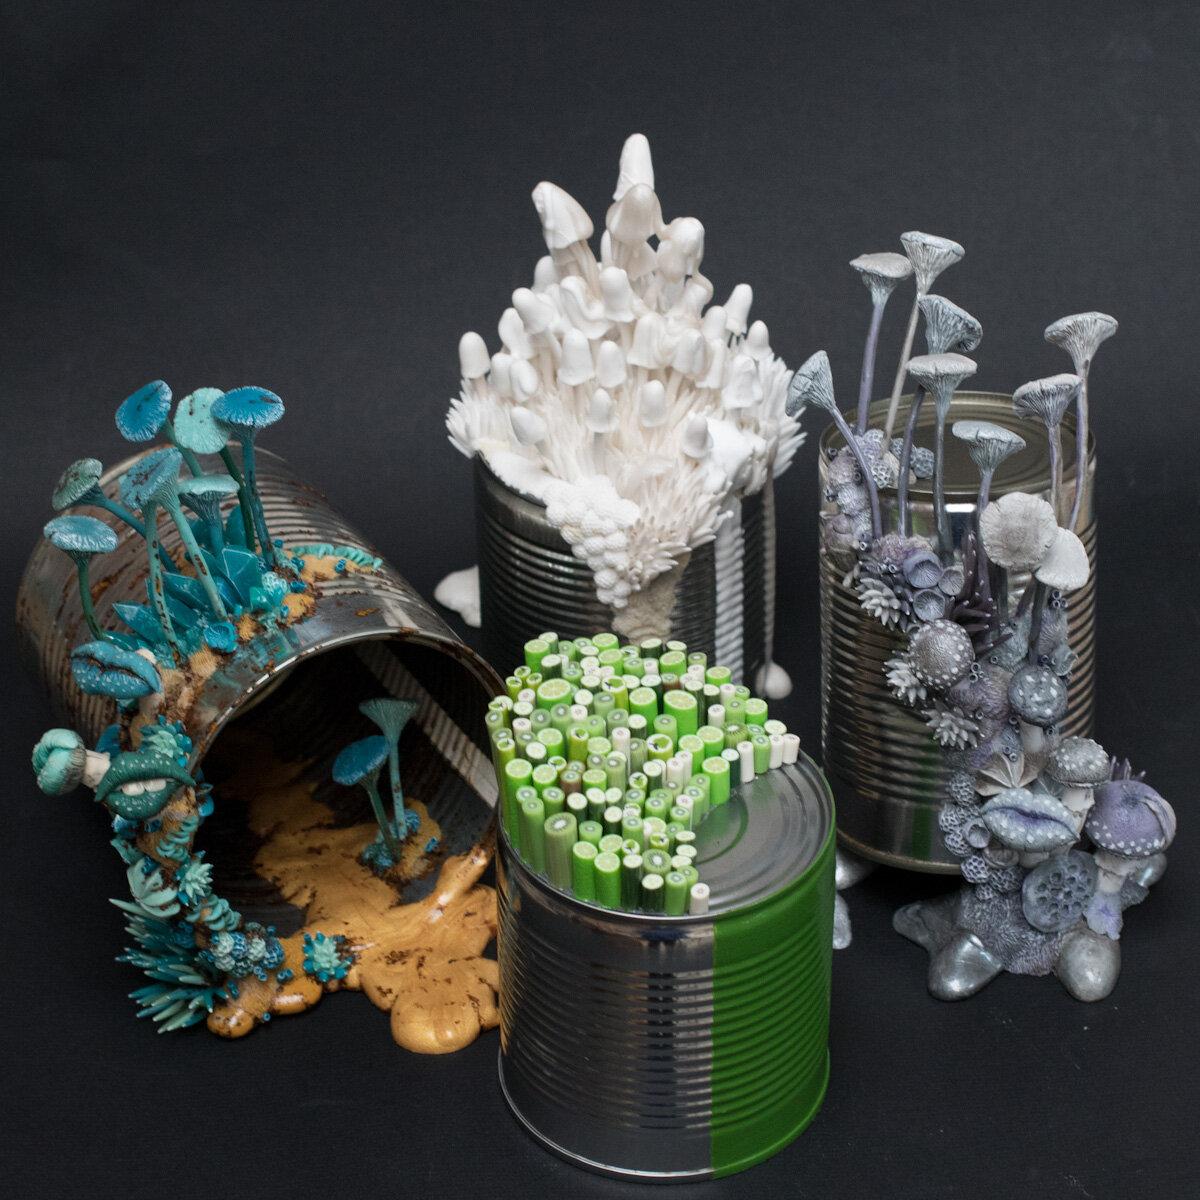 混合媒体雕塑,史蒂芬妮·基尔加斯特(StéphanieKilgast)